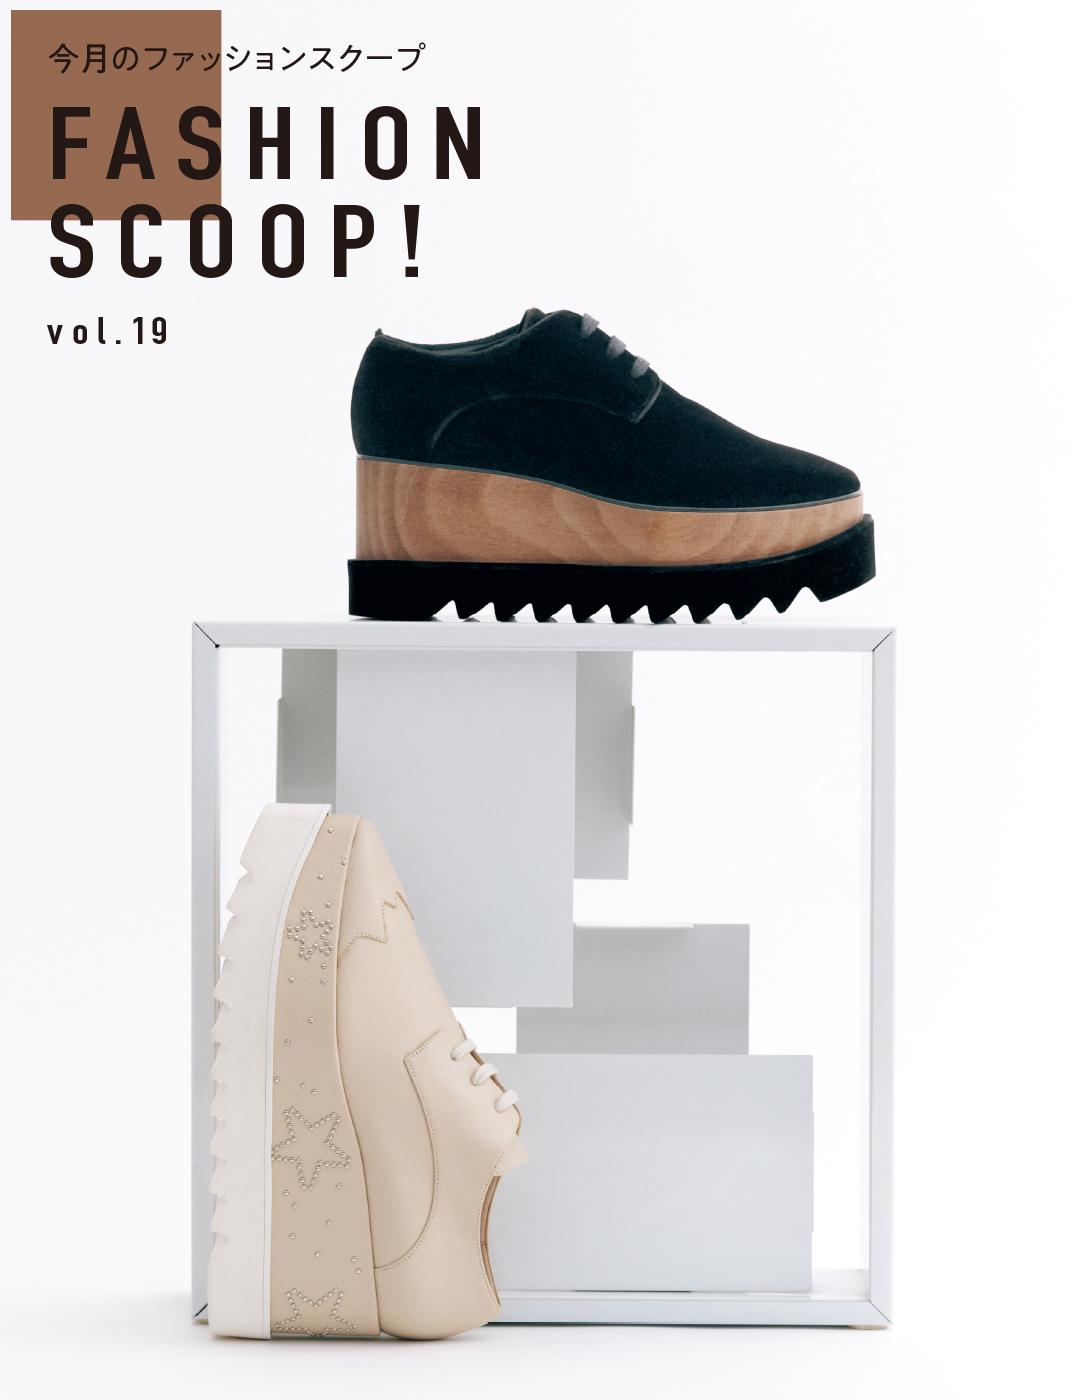 今月のファッションスクープ FASHION SCOOP! vol.19